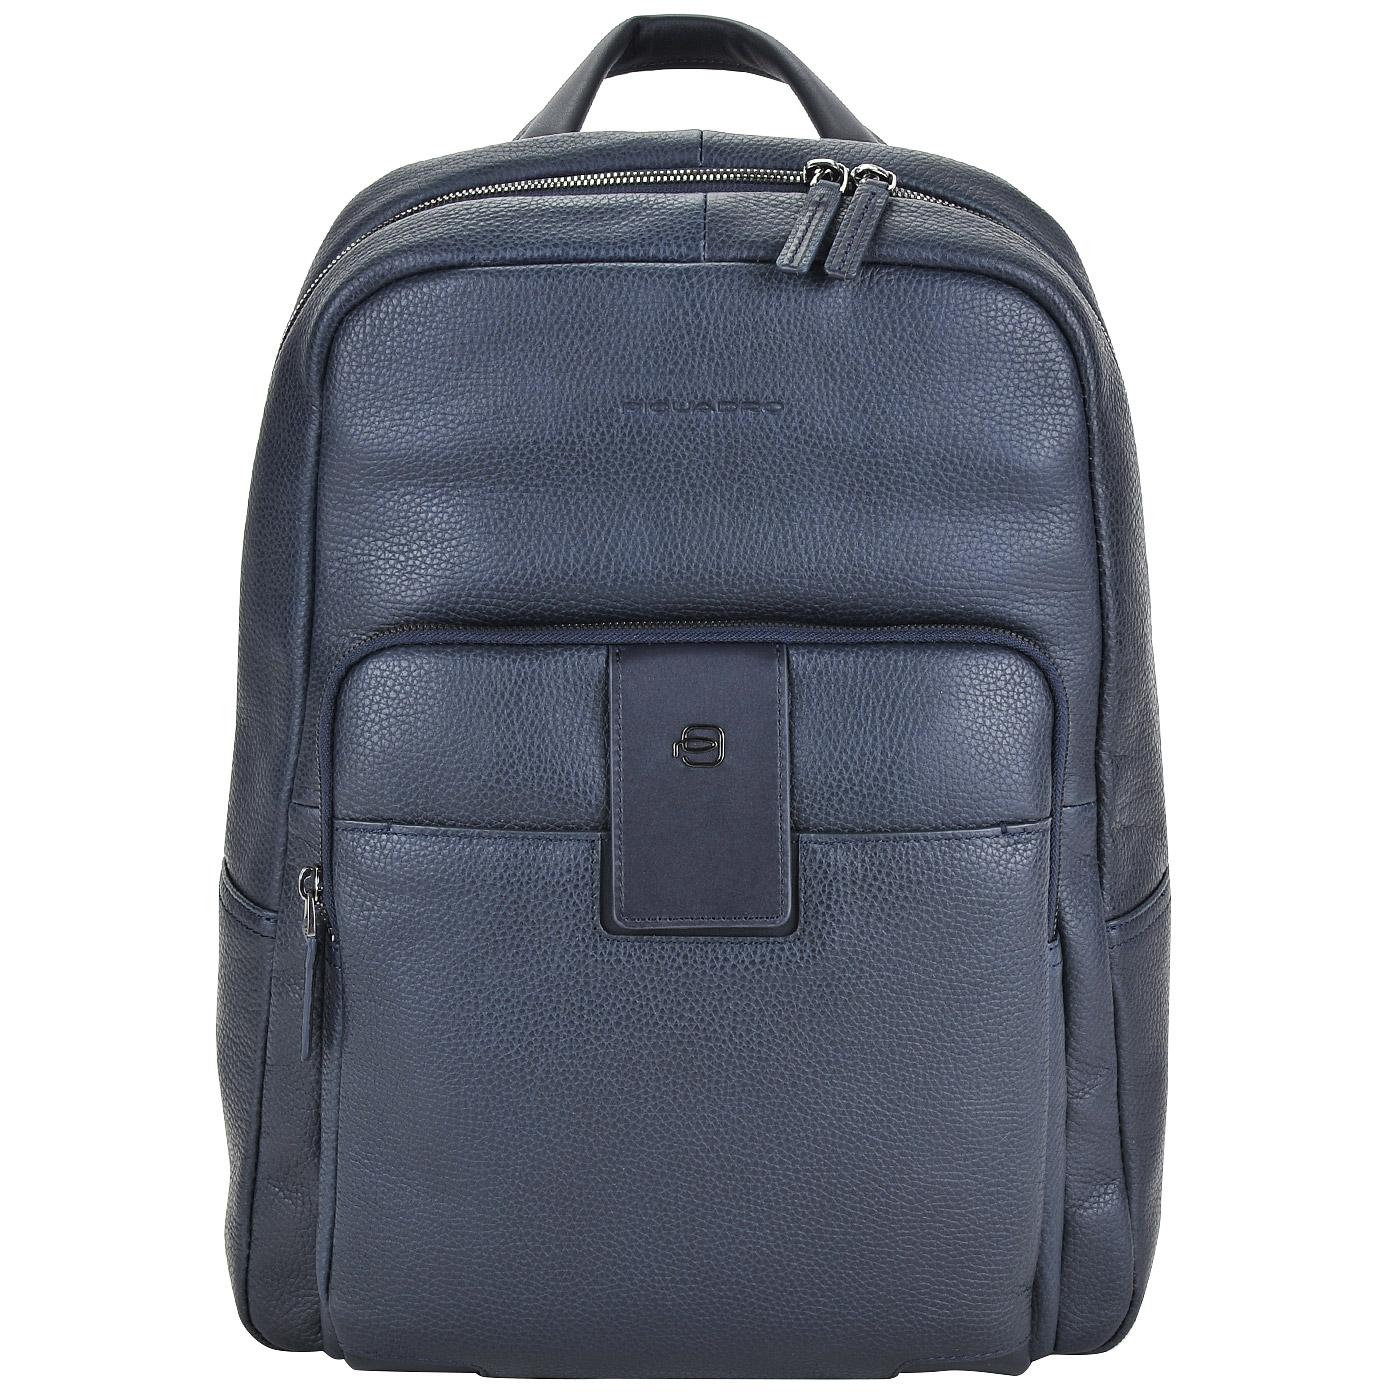 817a9c363454 Мужской кожаный рюкзак с отделением для ноутбука Piquadro Ili ...